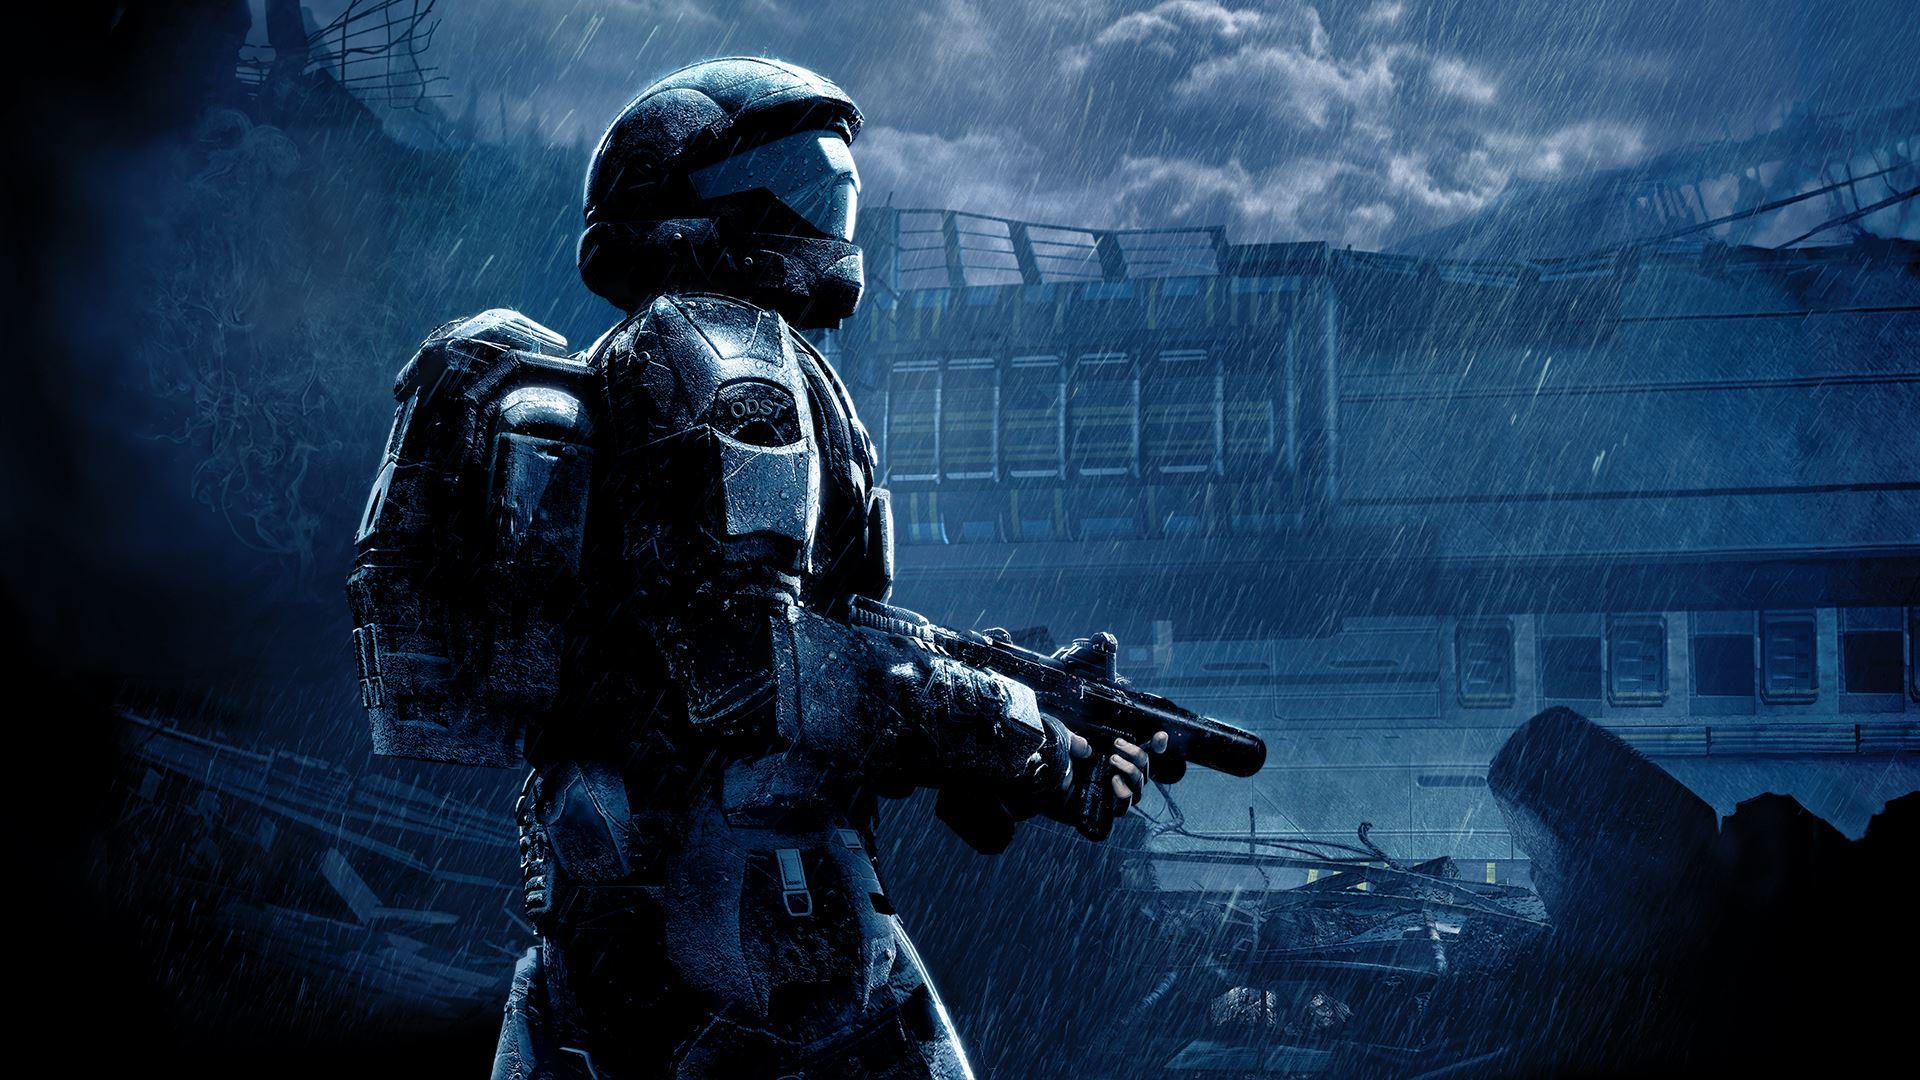 Halo 3: ODST (Master Chief Collection DLC) na Xbox One za 17,99zł @ Xbox.com